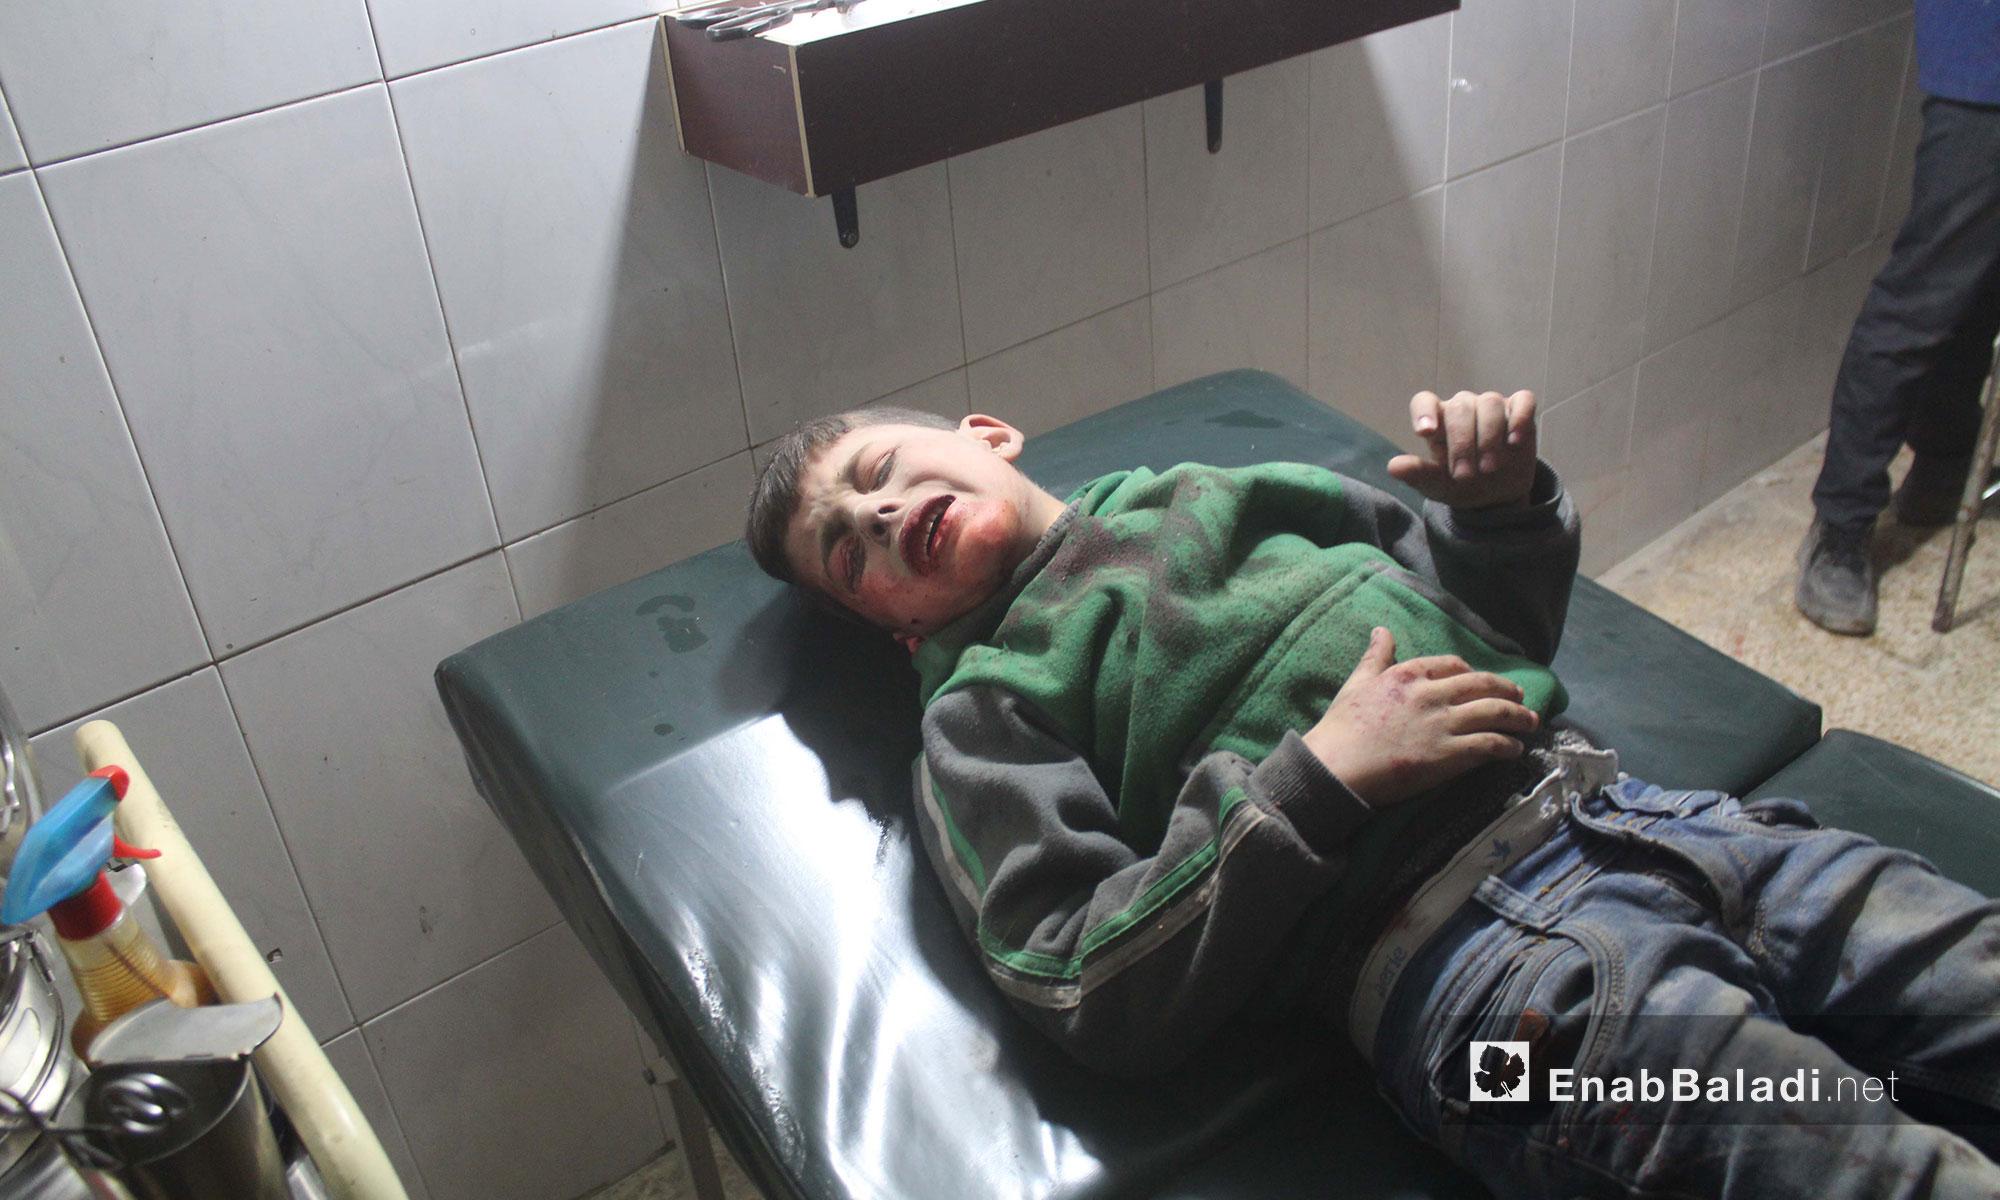 طفل جريح  في أحد مشافي الغوطة الشرقية - 21 شباط 2018 (عنب بلدي)